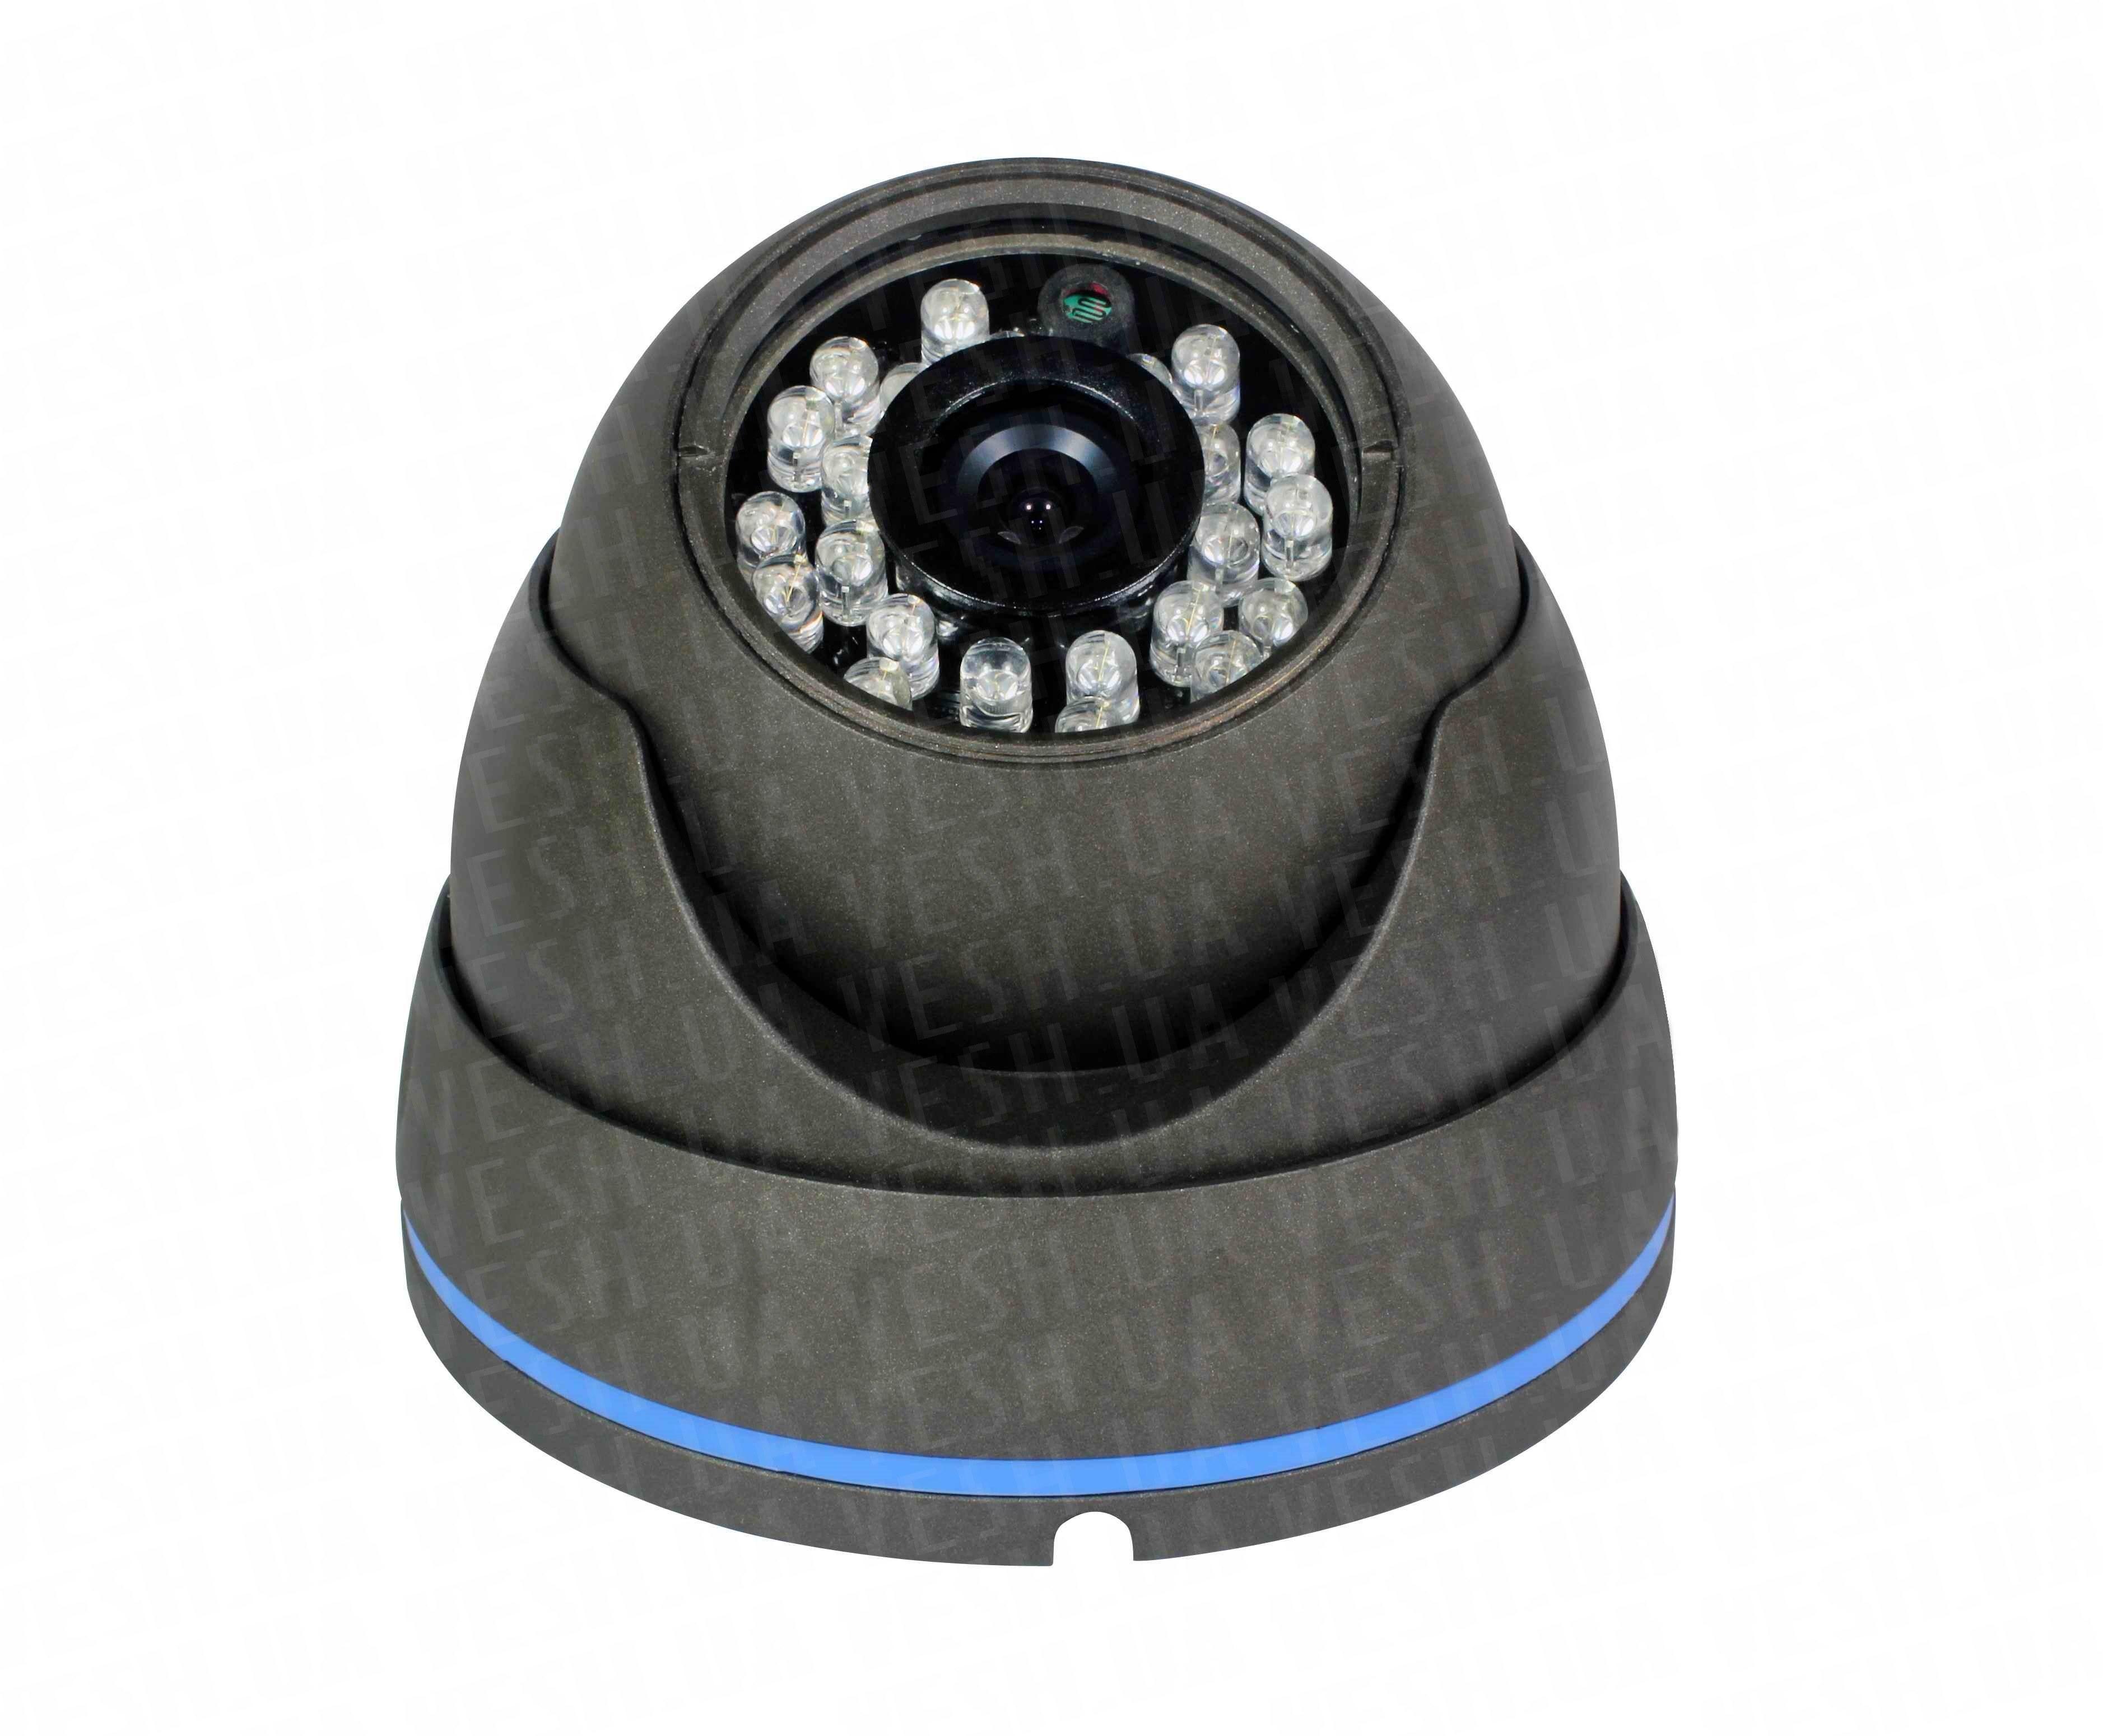 """Наружная купольная CCTV цветная охранная камера видеонаблюдения 1/3""""COLOR SONY Super HAD, 540 TVL, 0 LUX, ИK до 20 метров (модель NIRE540)"""